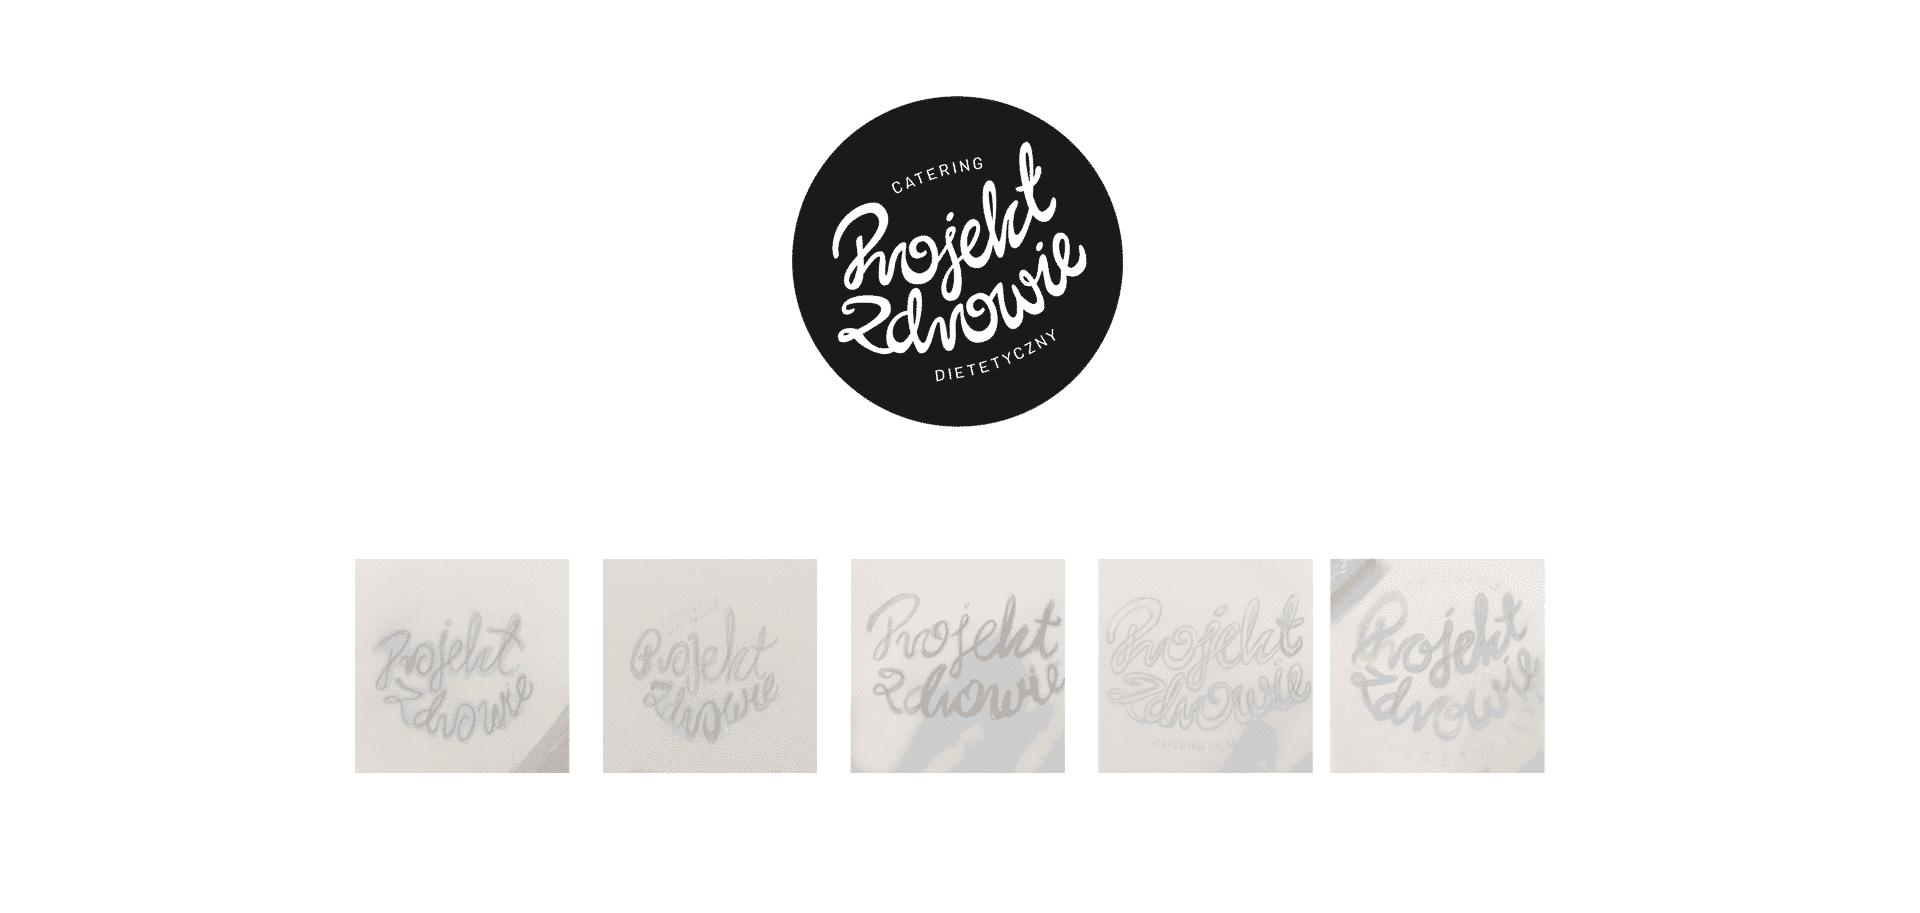 logo projekt zdrowie identyfikacja wizualna